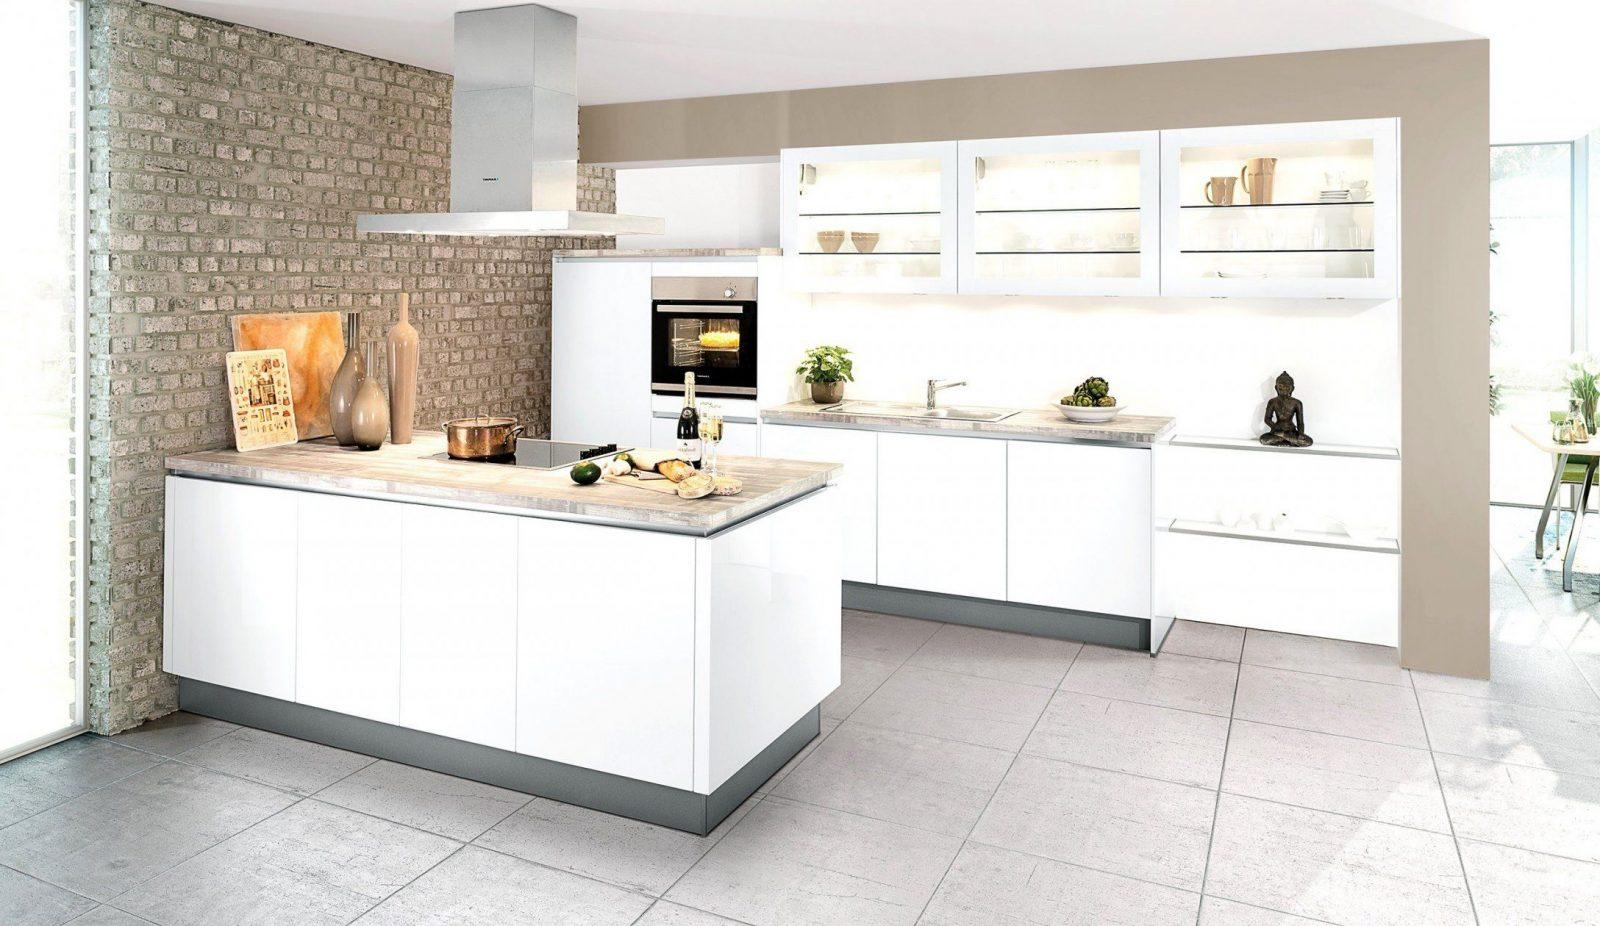 Küche Neu Gestalten Renovieren Cool Beautiful Fene Küche Mit Theke von Küche Neu Gestalten Renovieren Bild